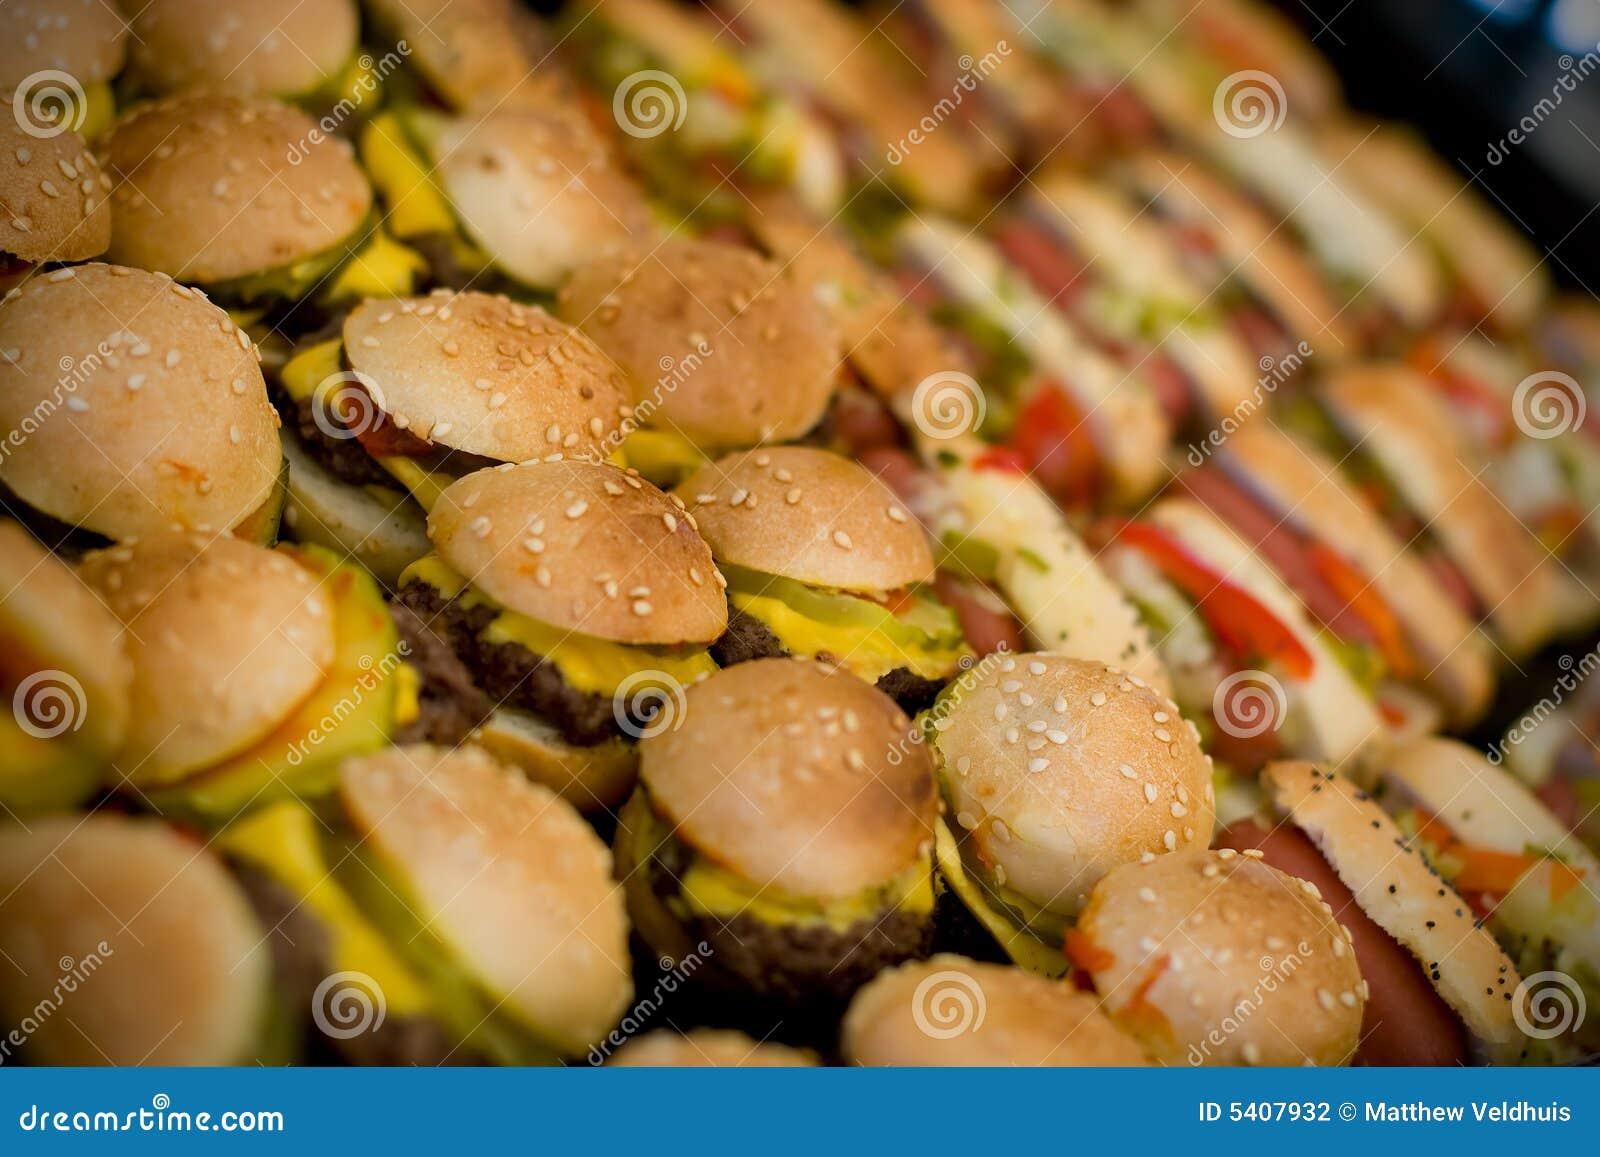 Mini Hamburgers And Hotdogs Stock Photo Image 5407932